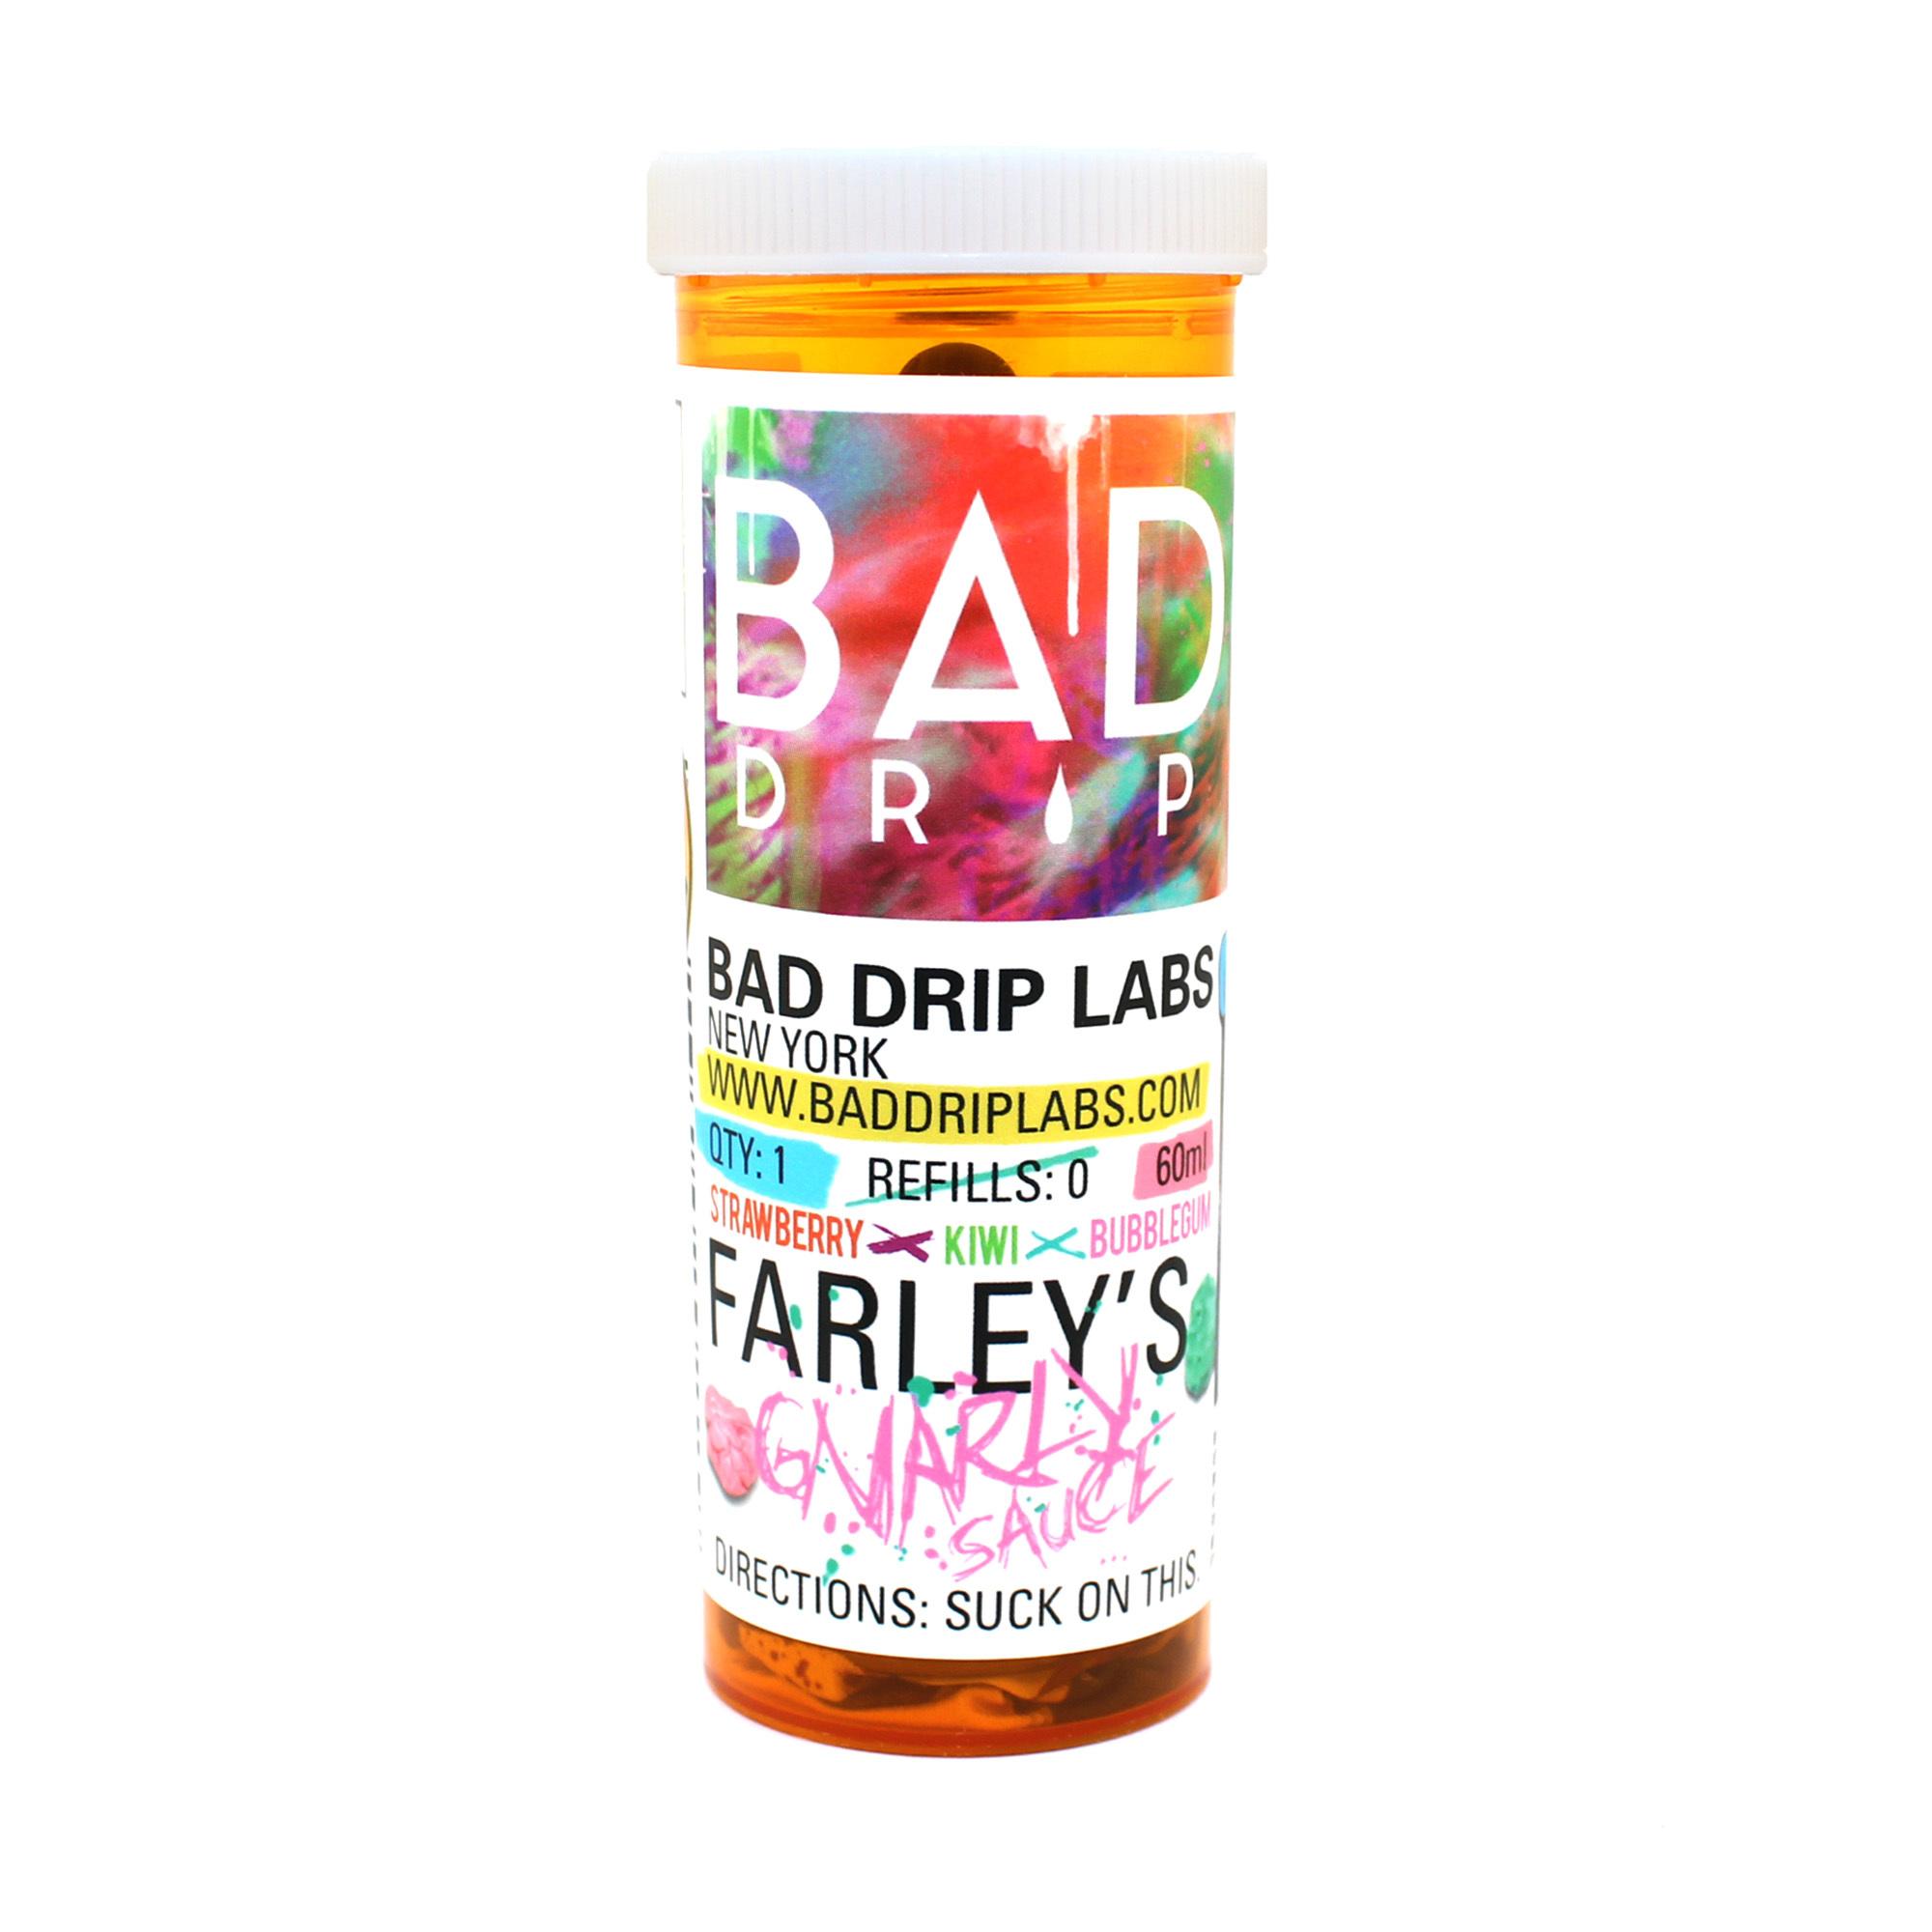 Жидкость Bad Drip Farley's Gnarly Sauce 60 мл